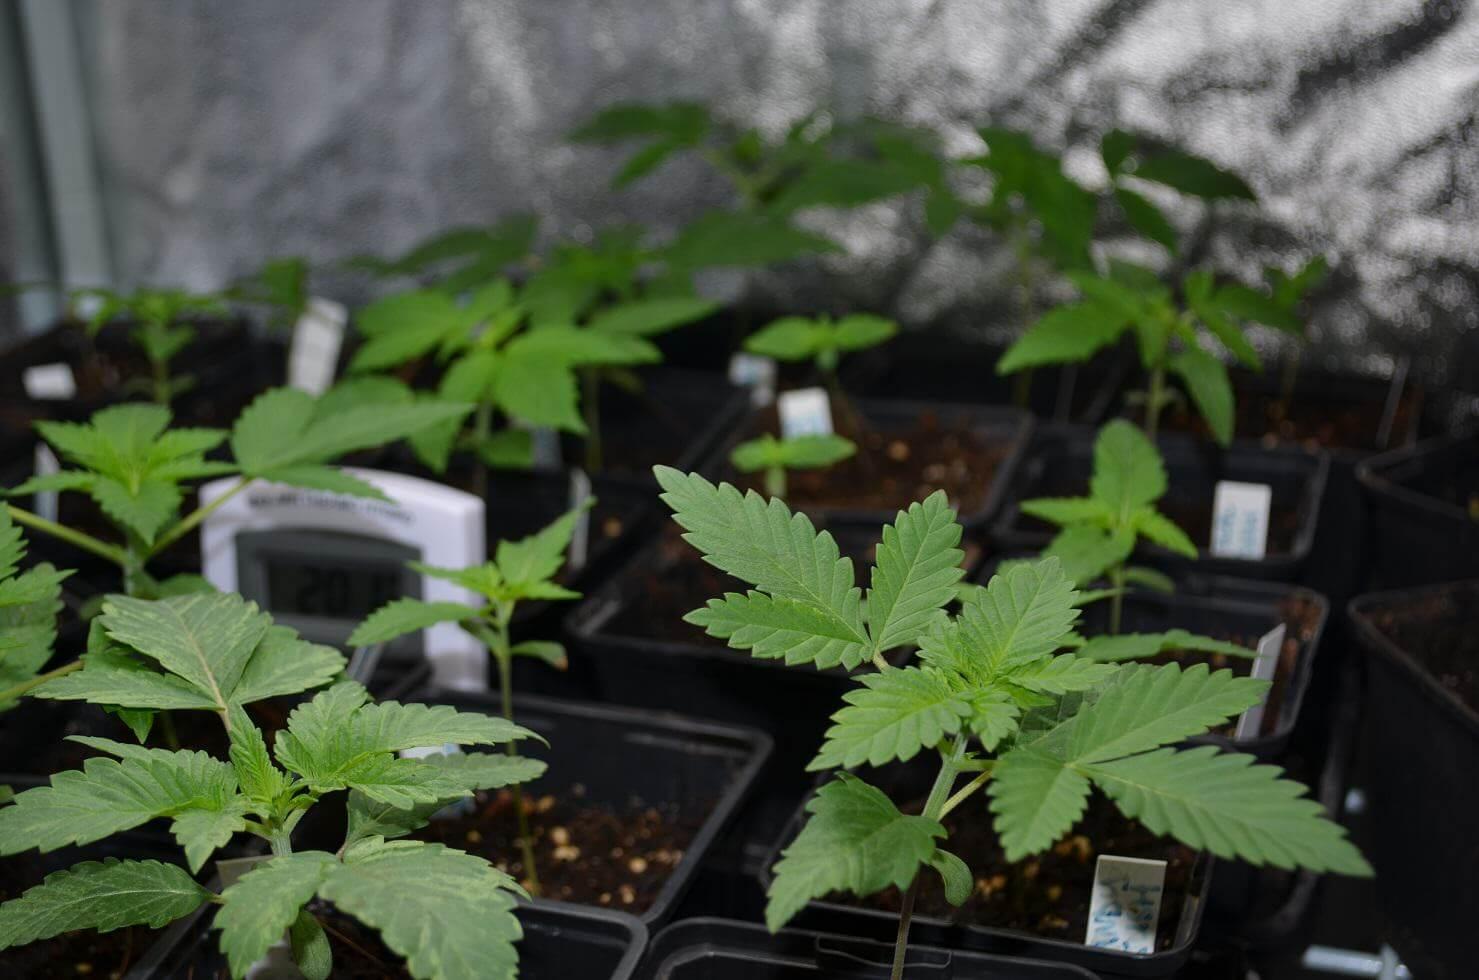 Siembras de marihuana en interior